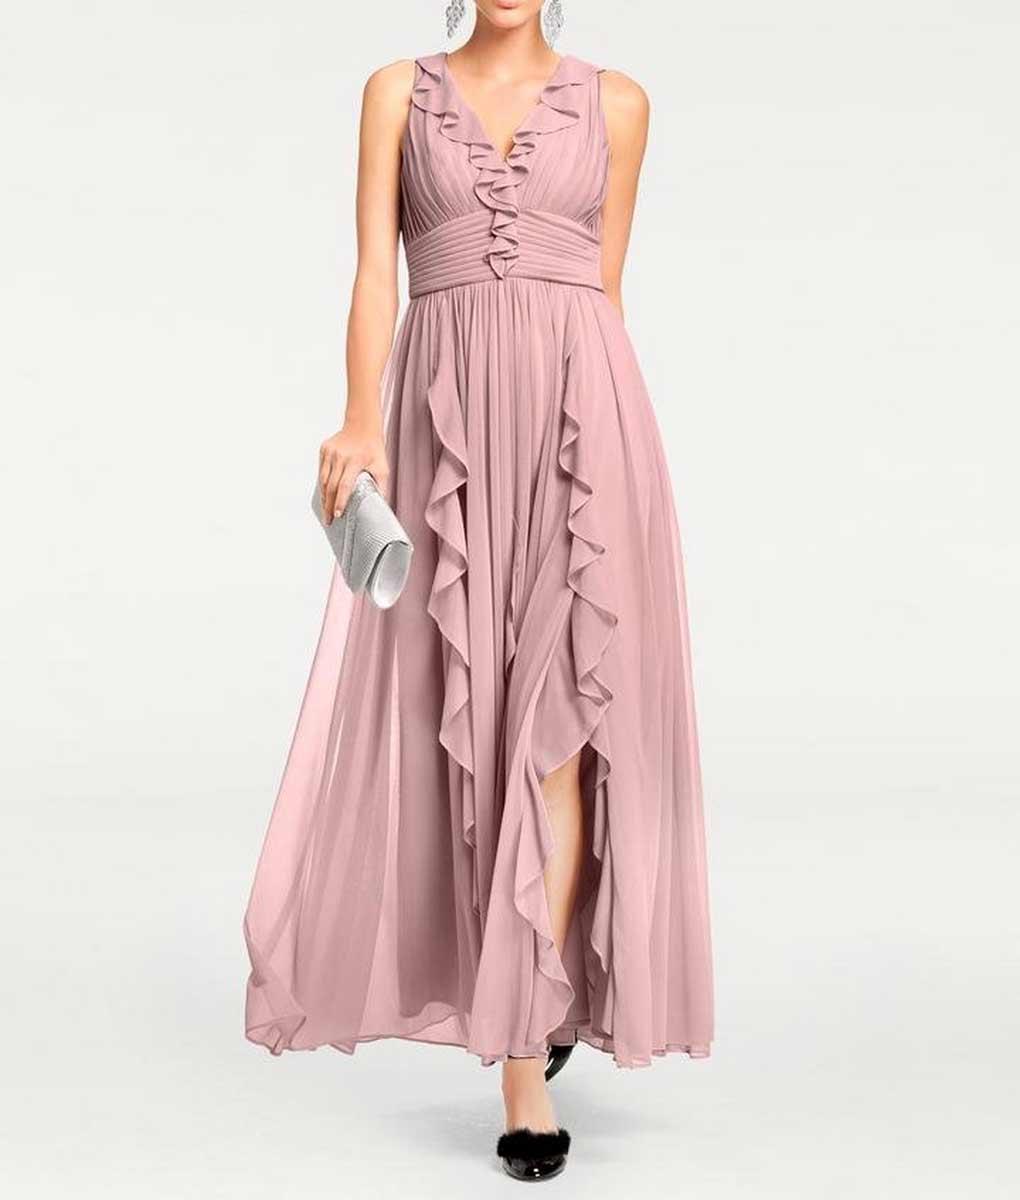 Festmoden Ashley Brooke Abendkleid lang, rosé 099.300 099.300 Missforty